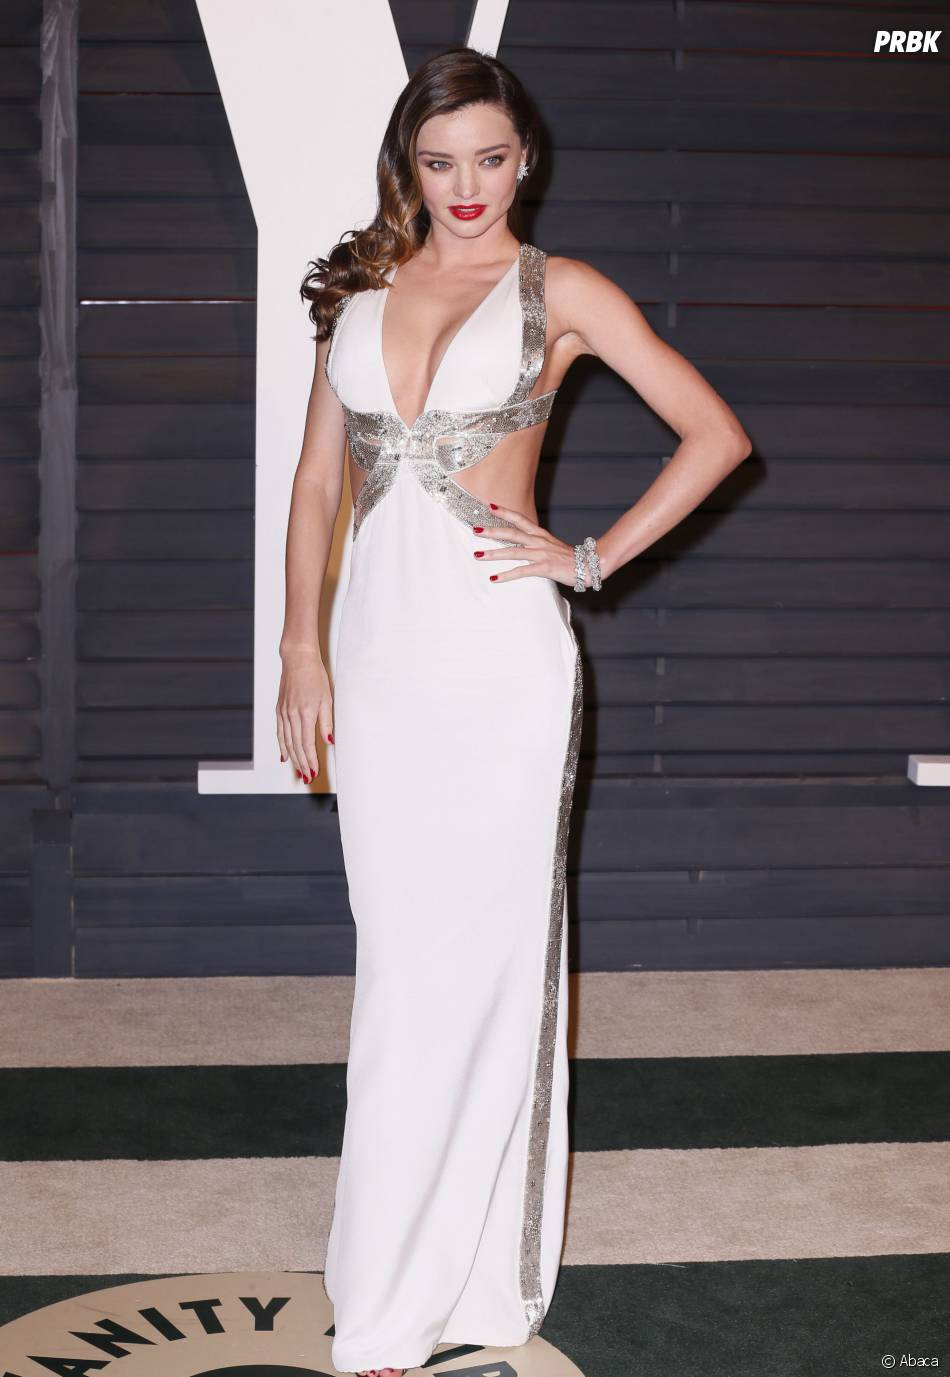 Miranda Kerr sexy à l'after party des Oscars 2015 organisée par Vanity Fair le 22 février